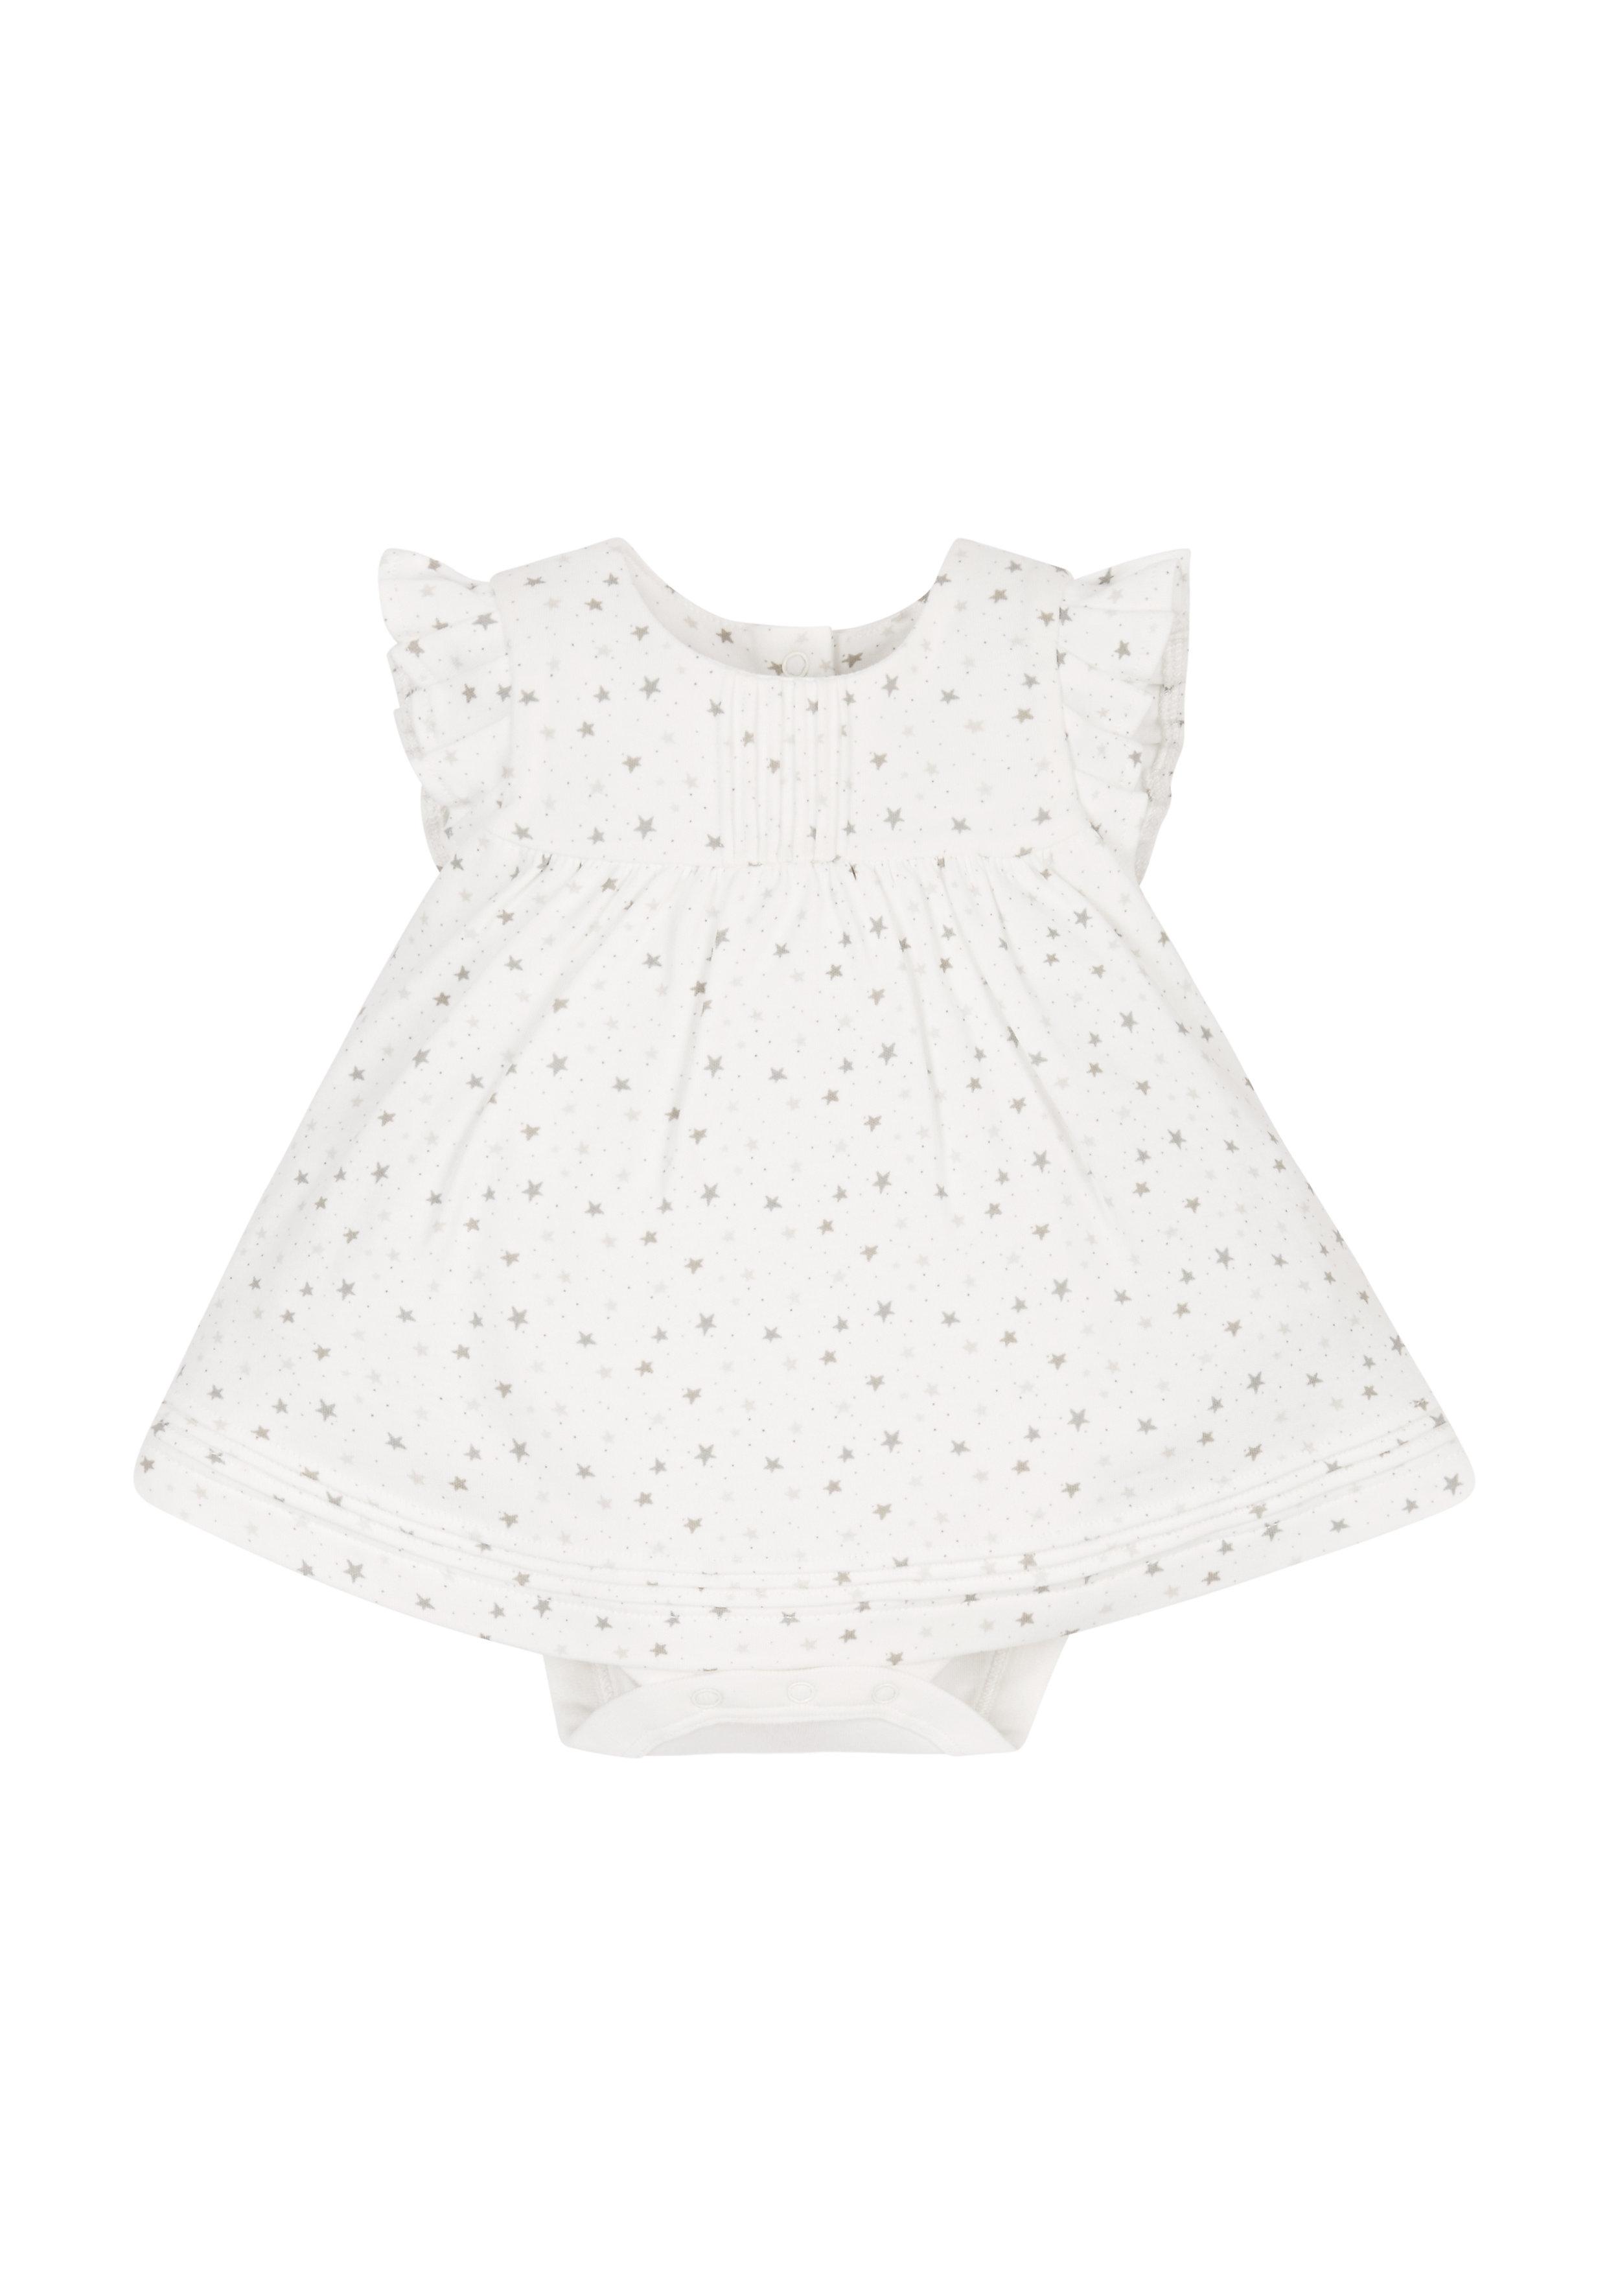 Mothercare | Girls Star Romper Dress - Cream